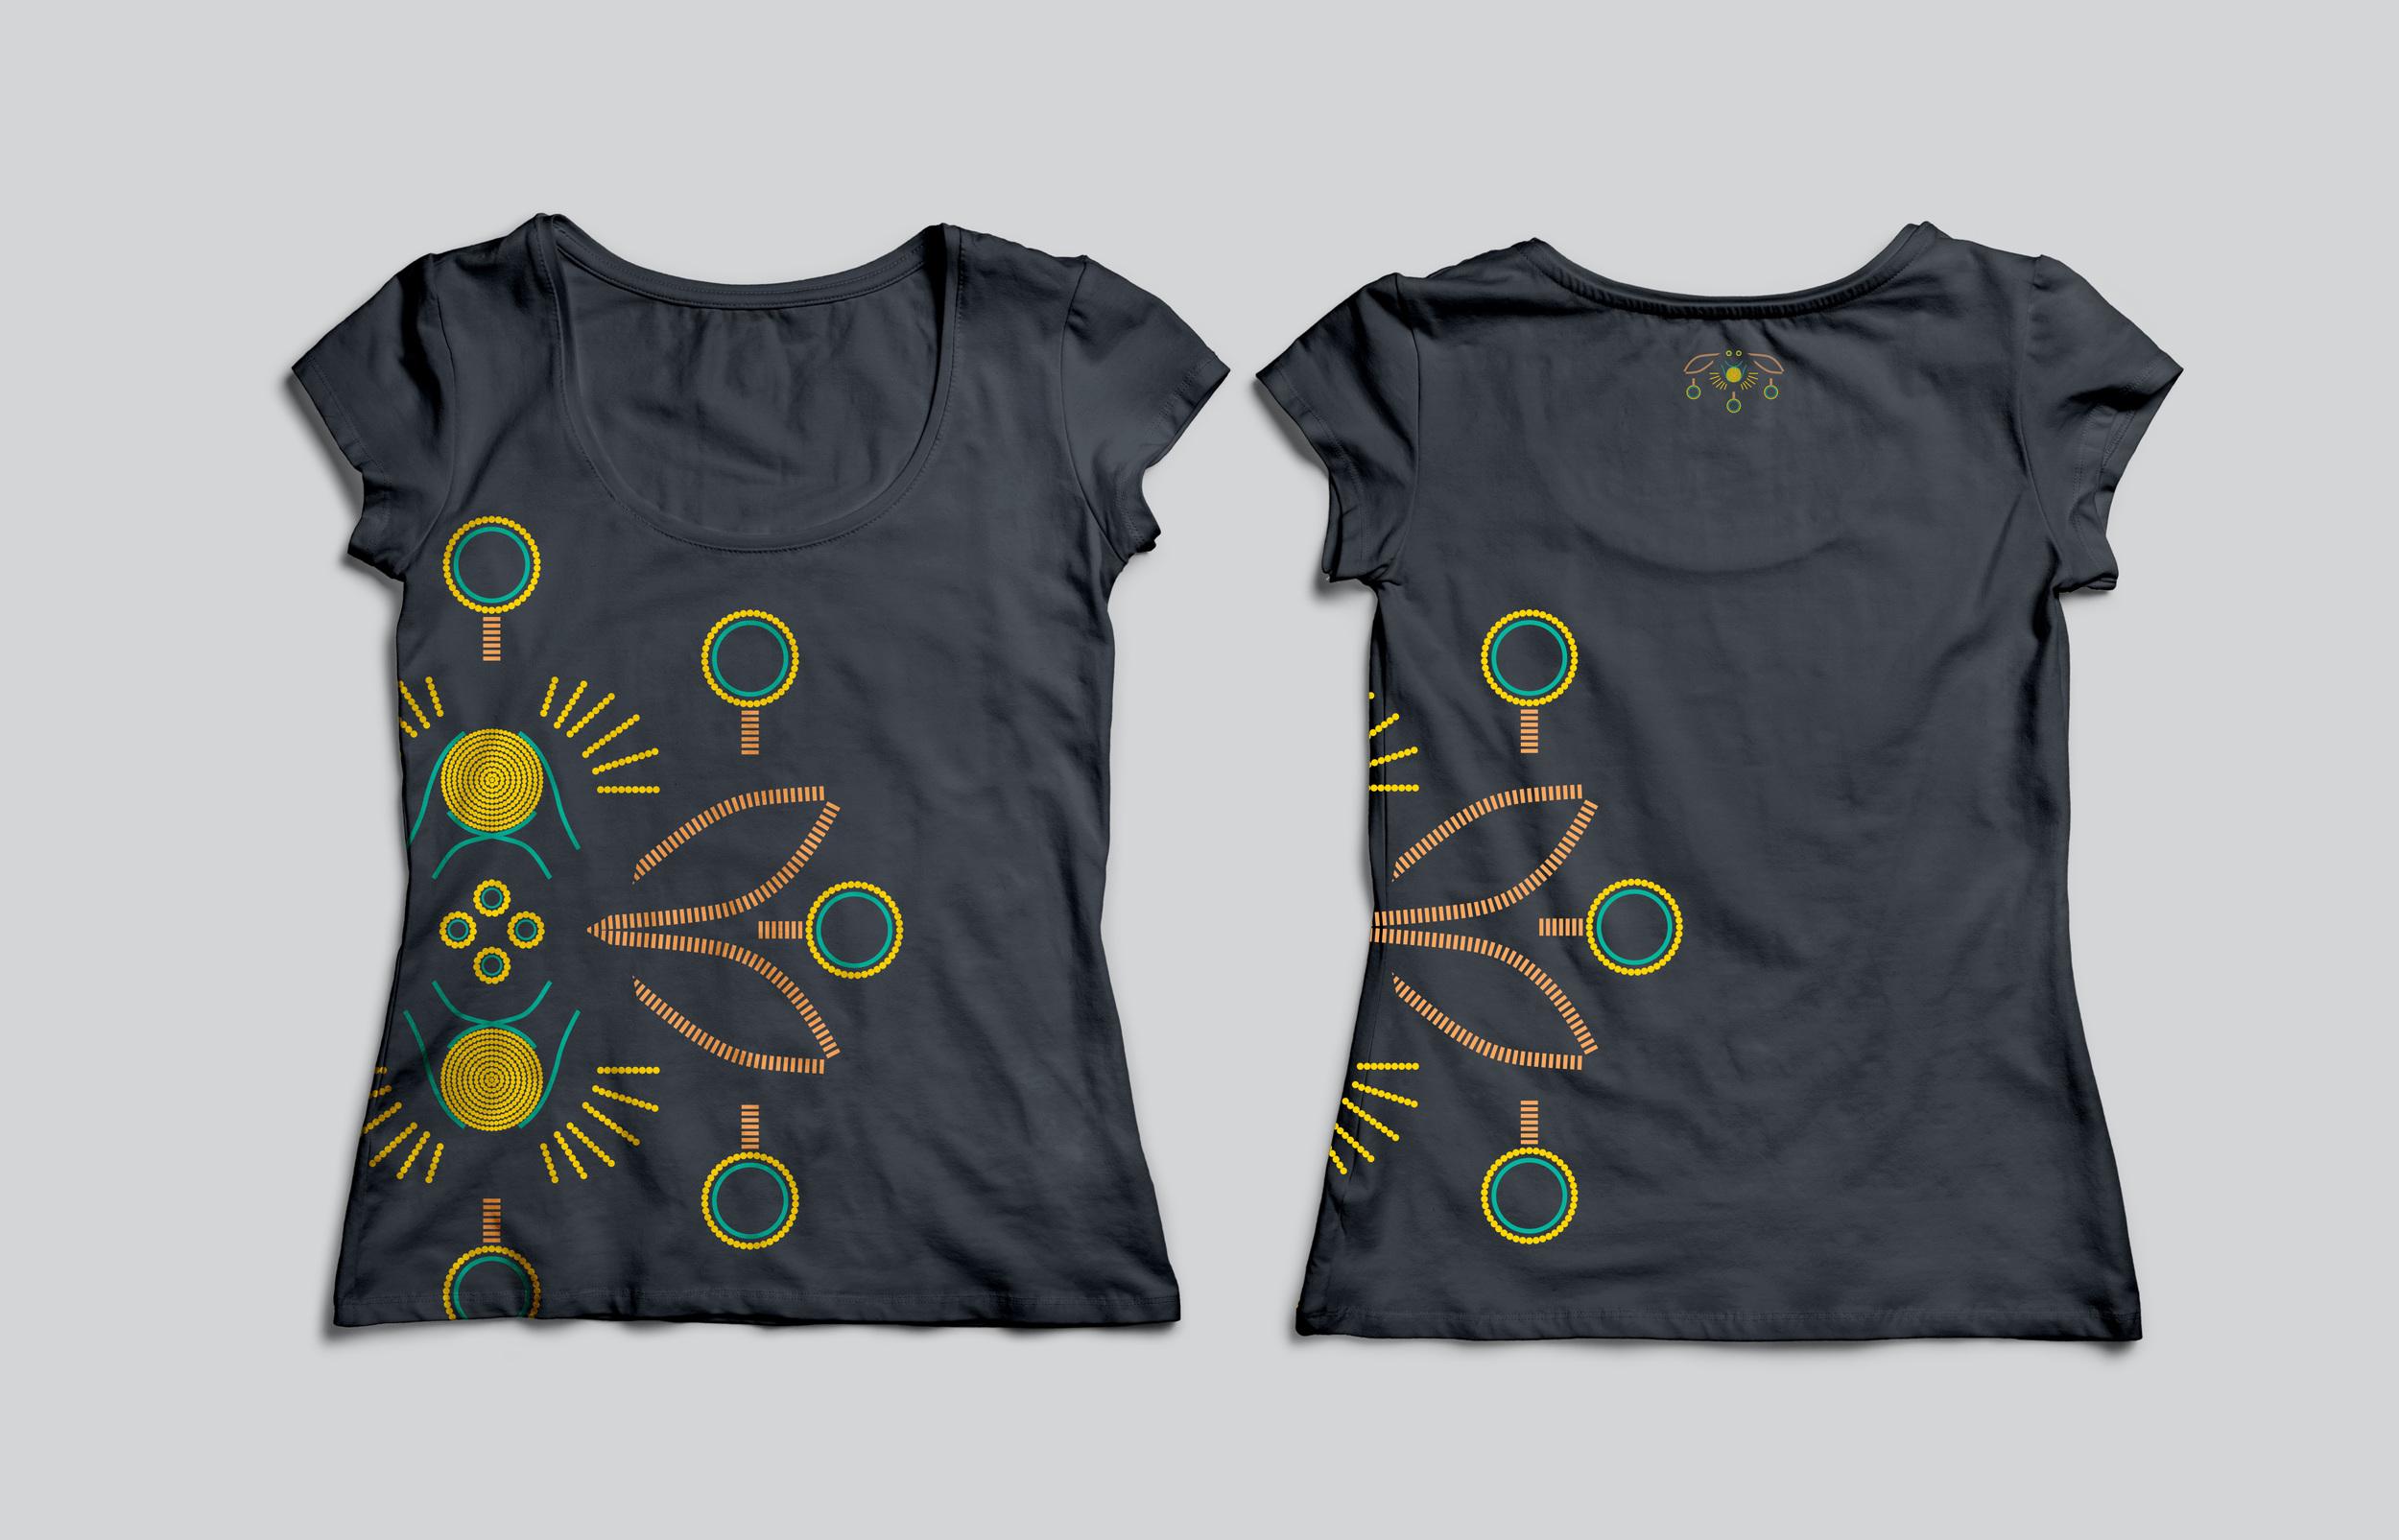 Golden Bees T-shirt